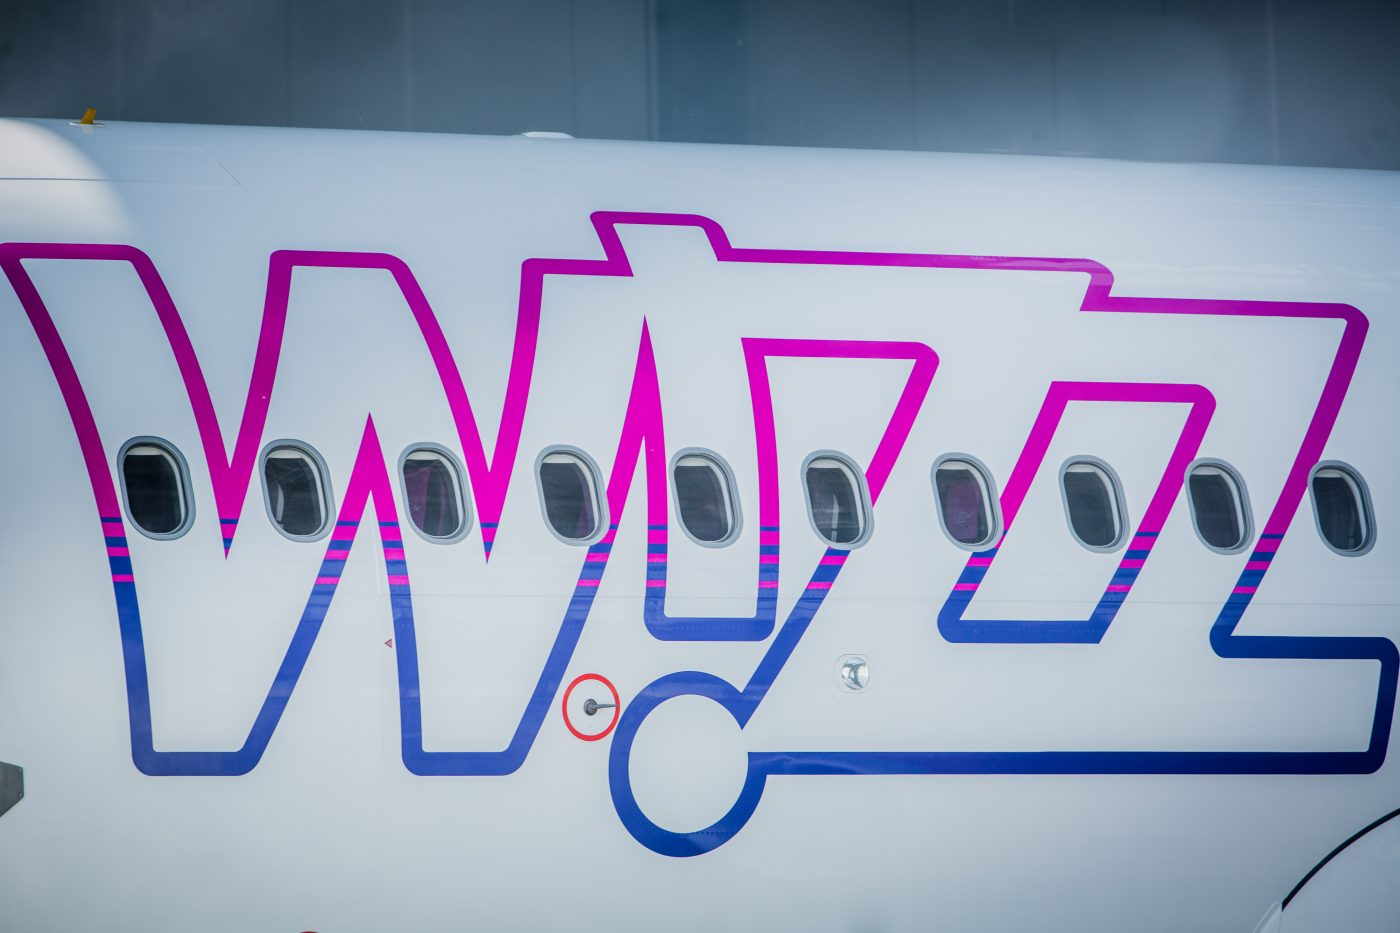 Wizz capacity